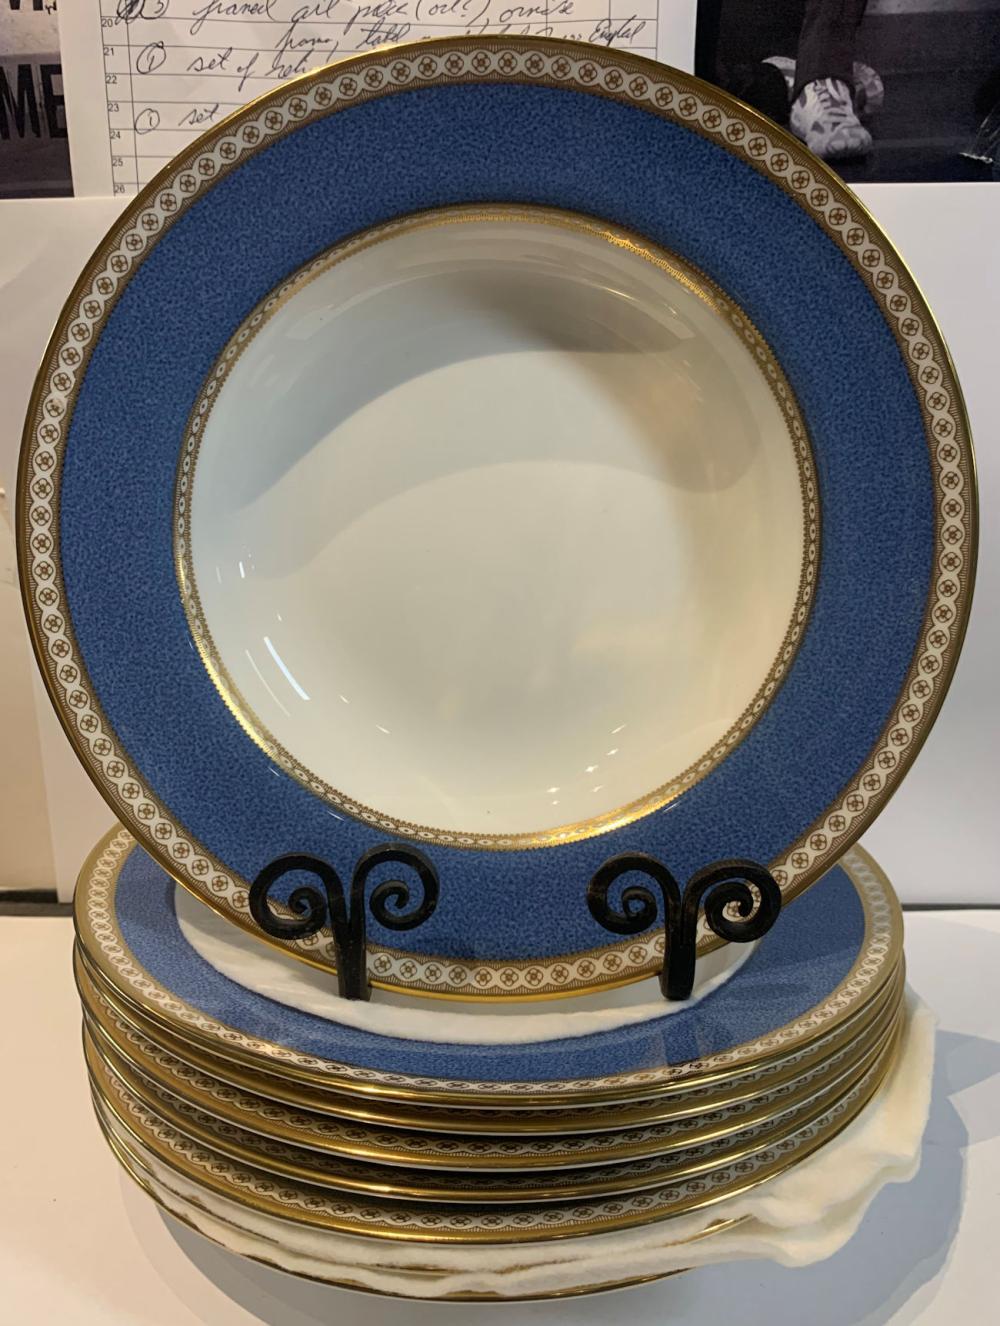 8 Wedgwood Bone China Soup Plates